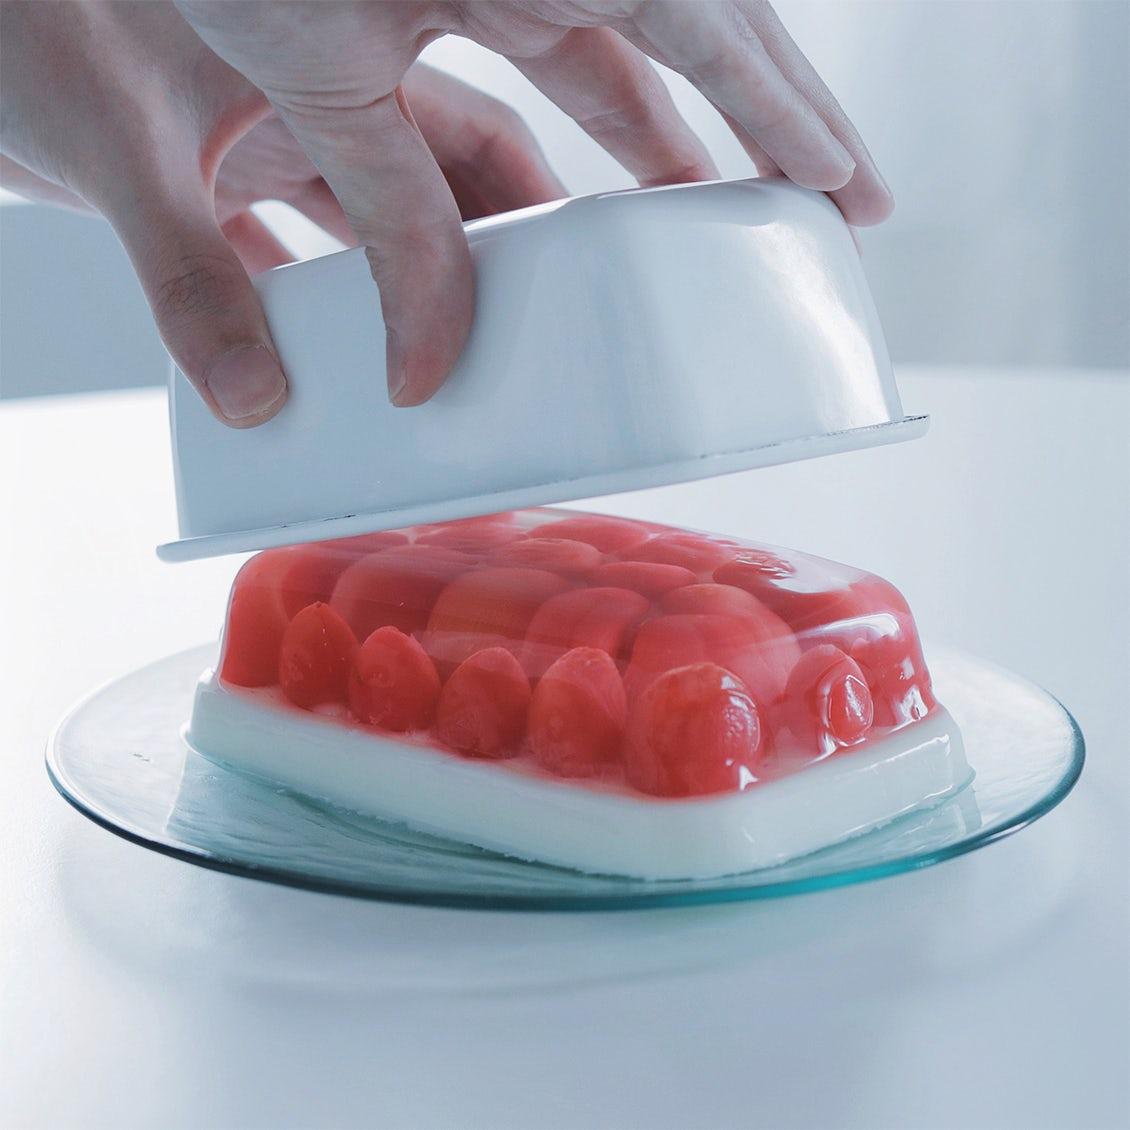 【tomei museum】recipe.3:「かわいい」をいただきます。さくらんぼのゼリーケーキ